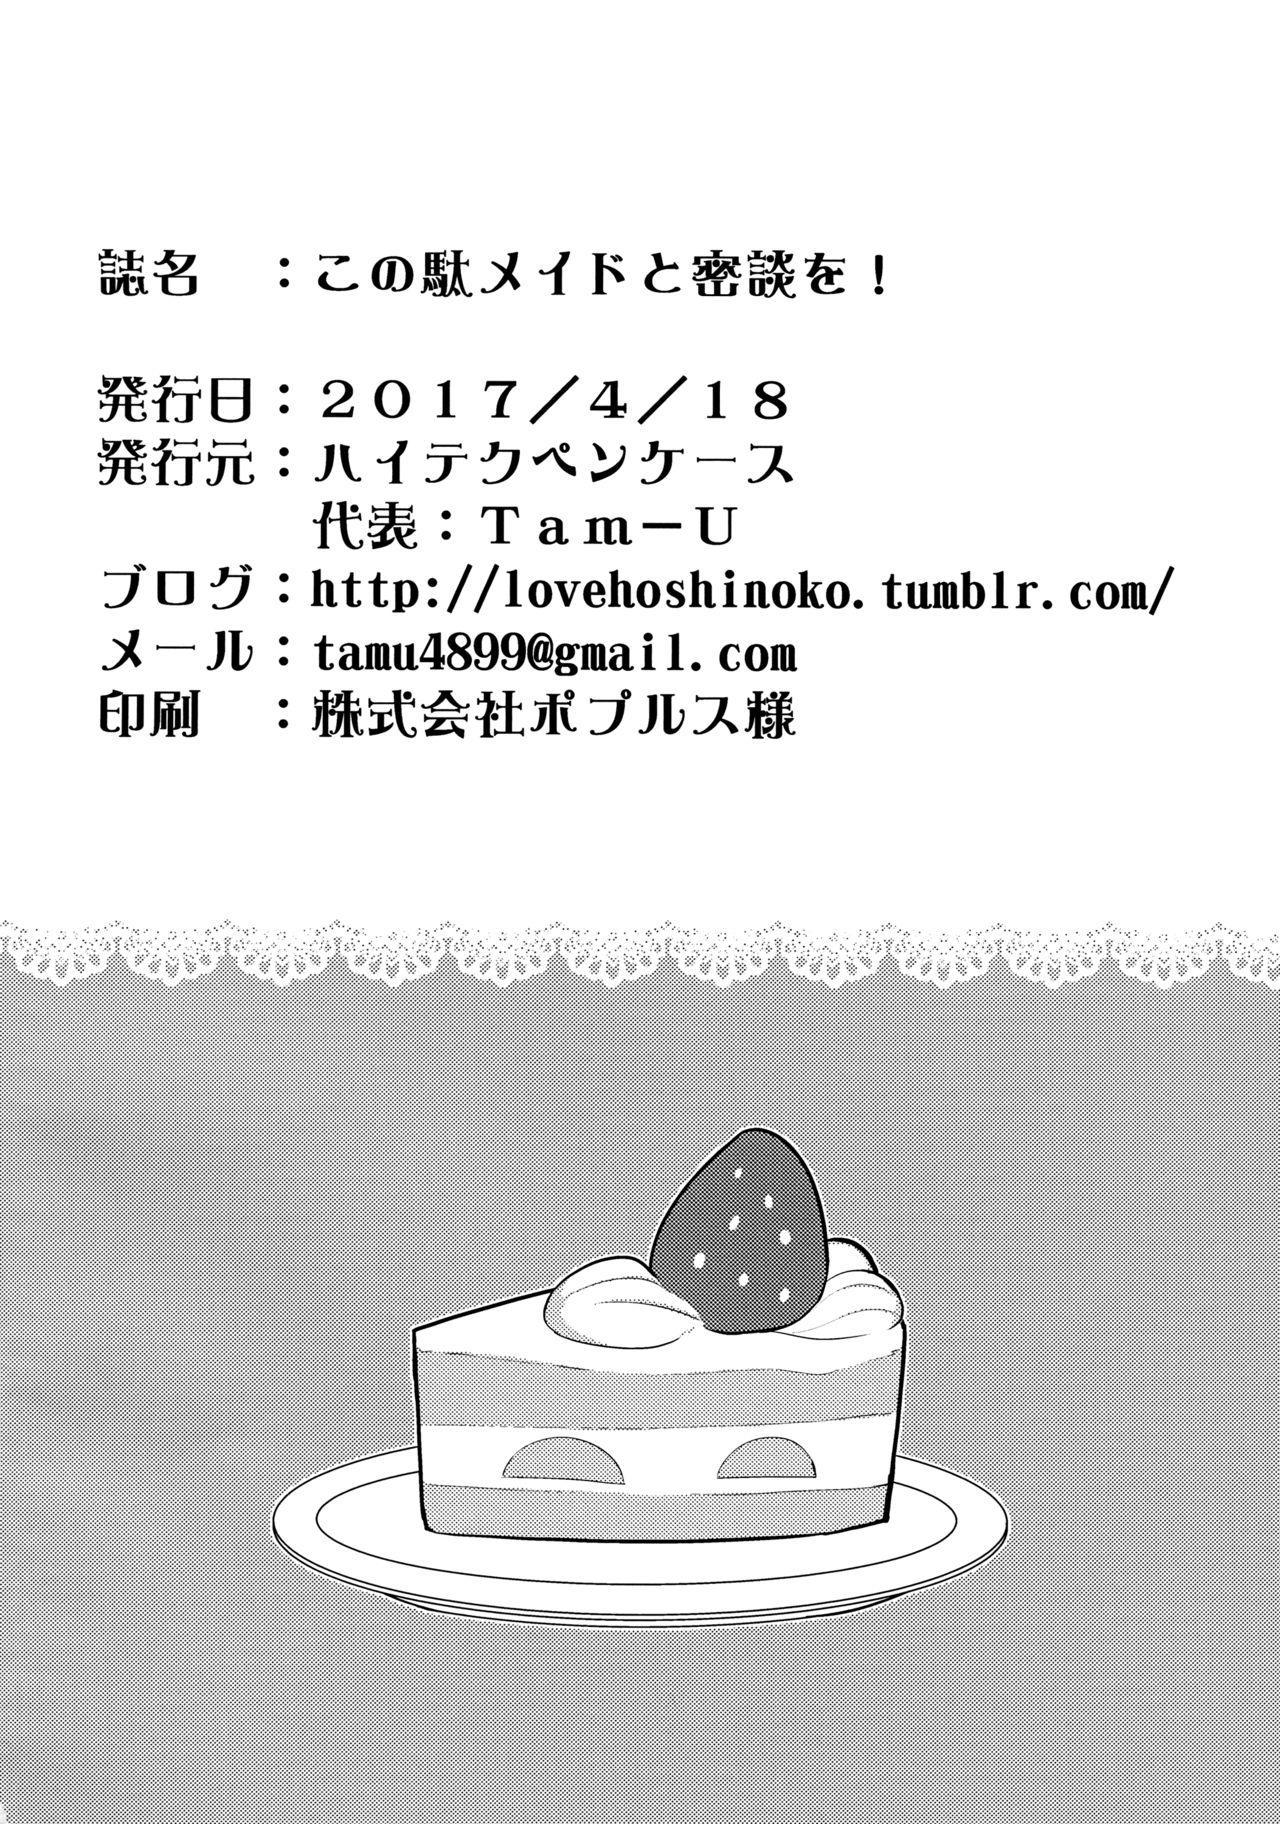 Kono Da-Maid to Mitsudan o! | Private Talk With a Failure Maid! 24